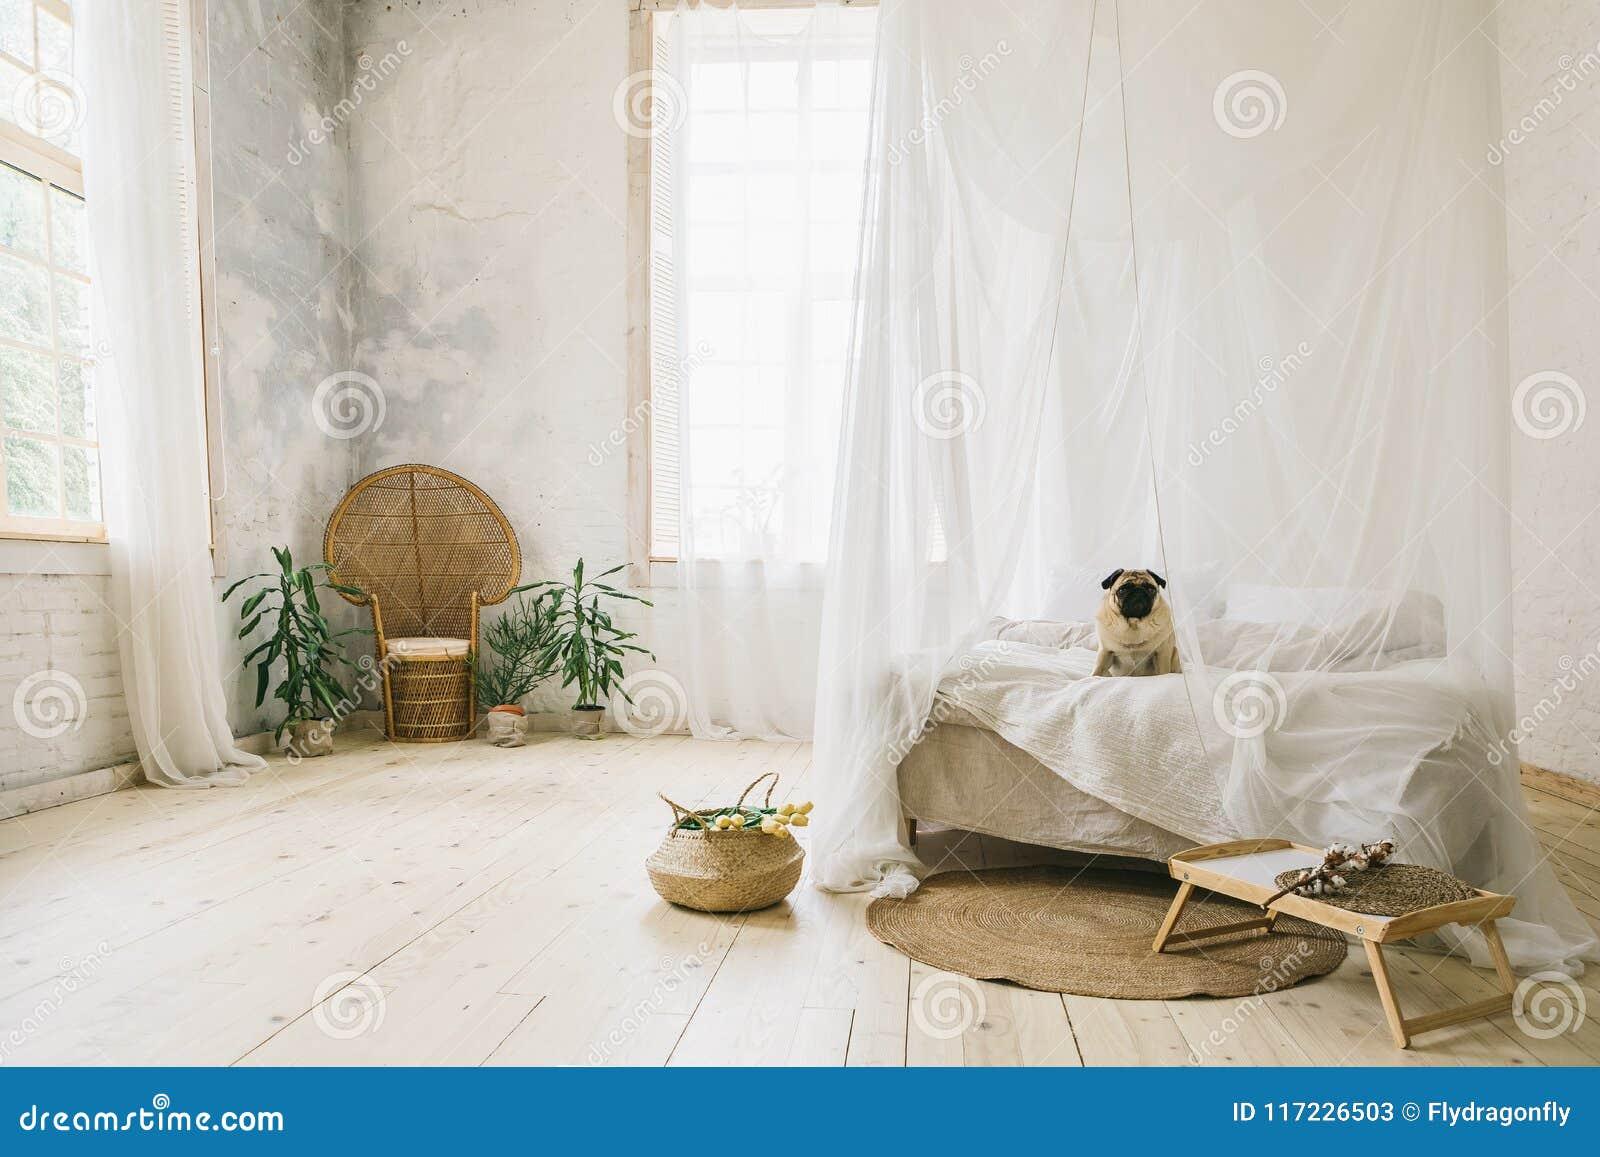 Slaapkamer Houten Vloer : Sunny skandinavian stijl binnenlandse slaapkamer houten vloer